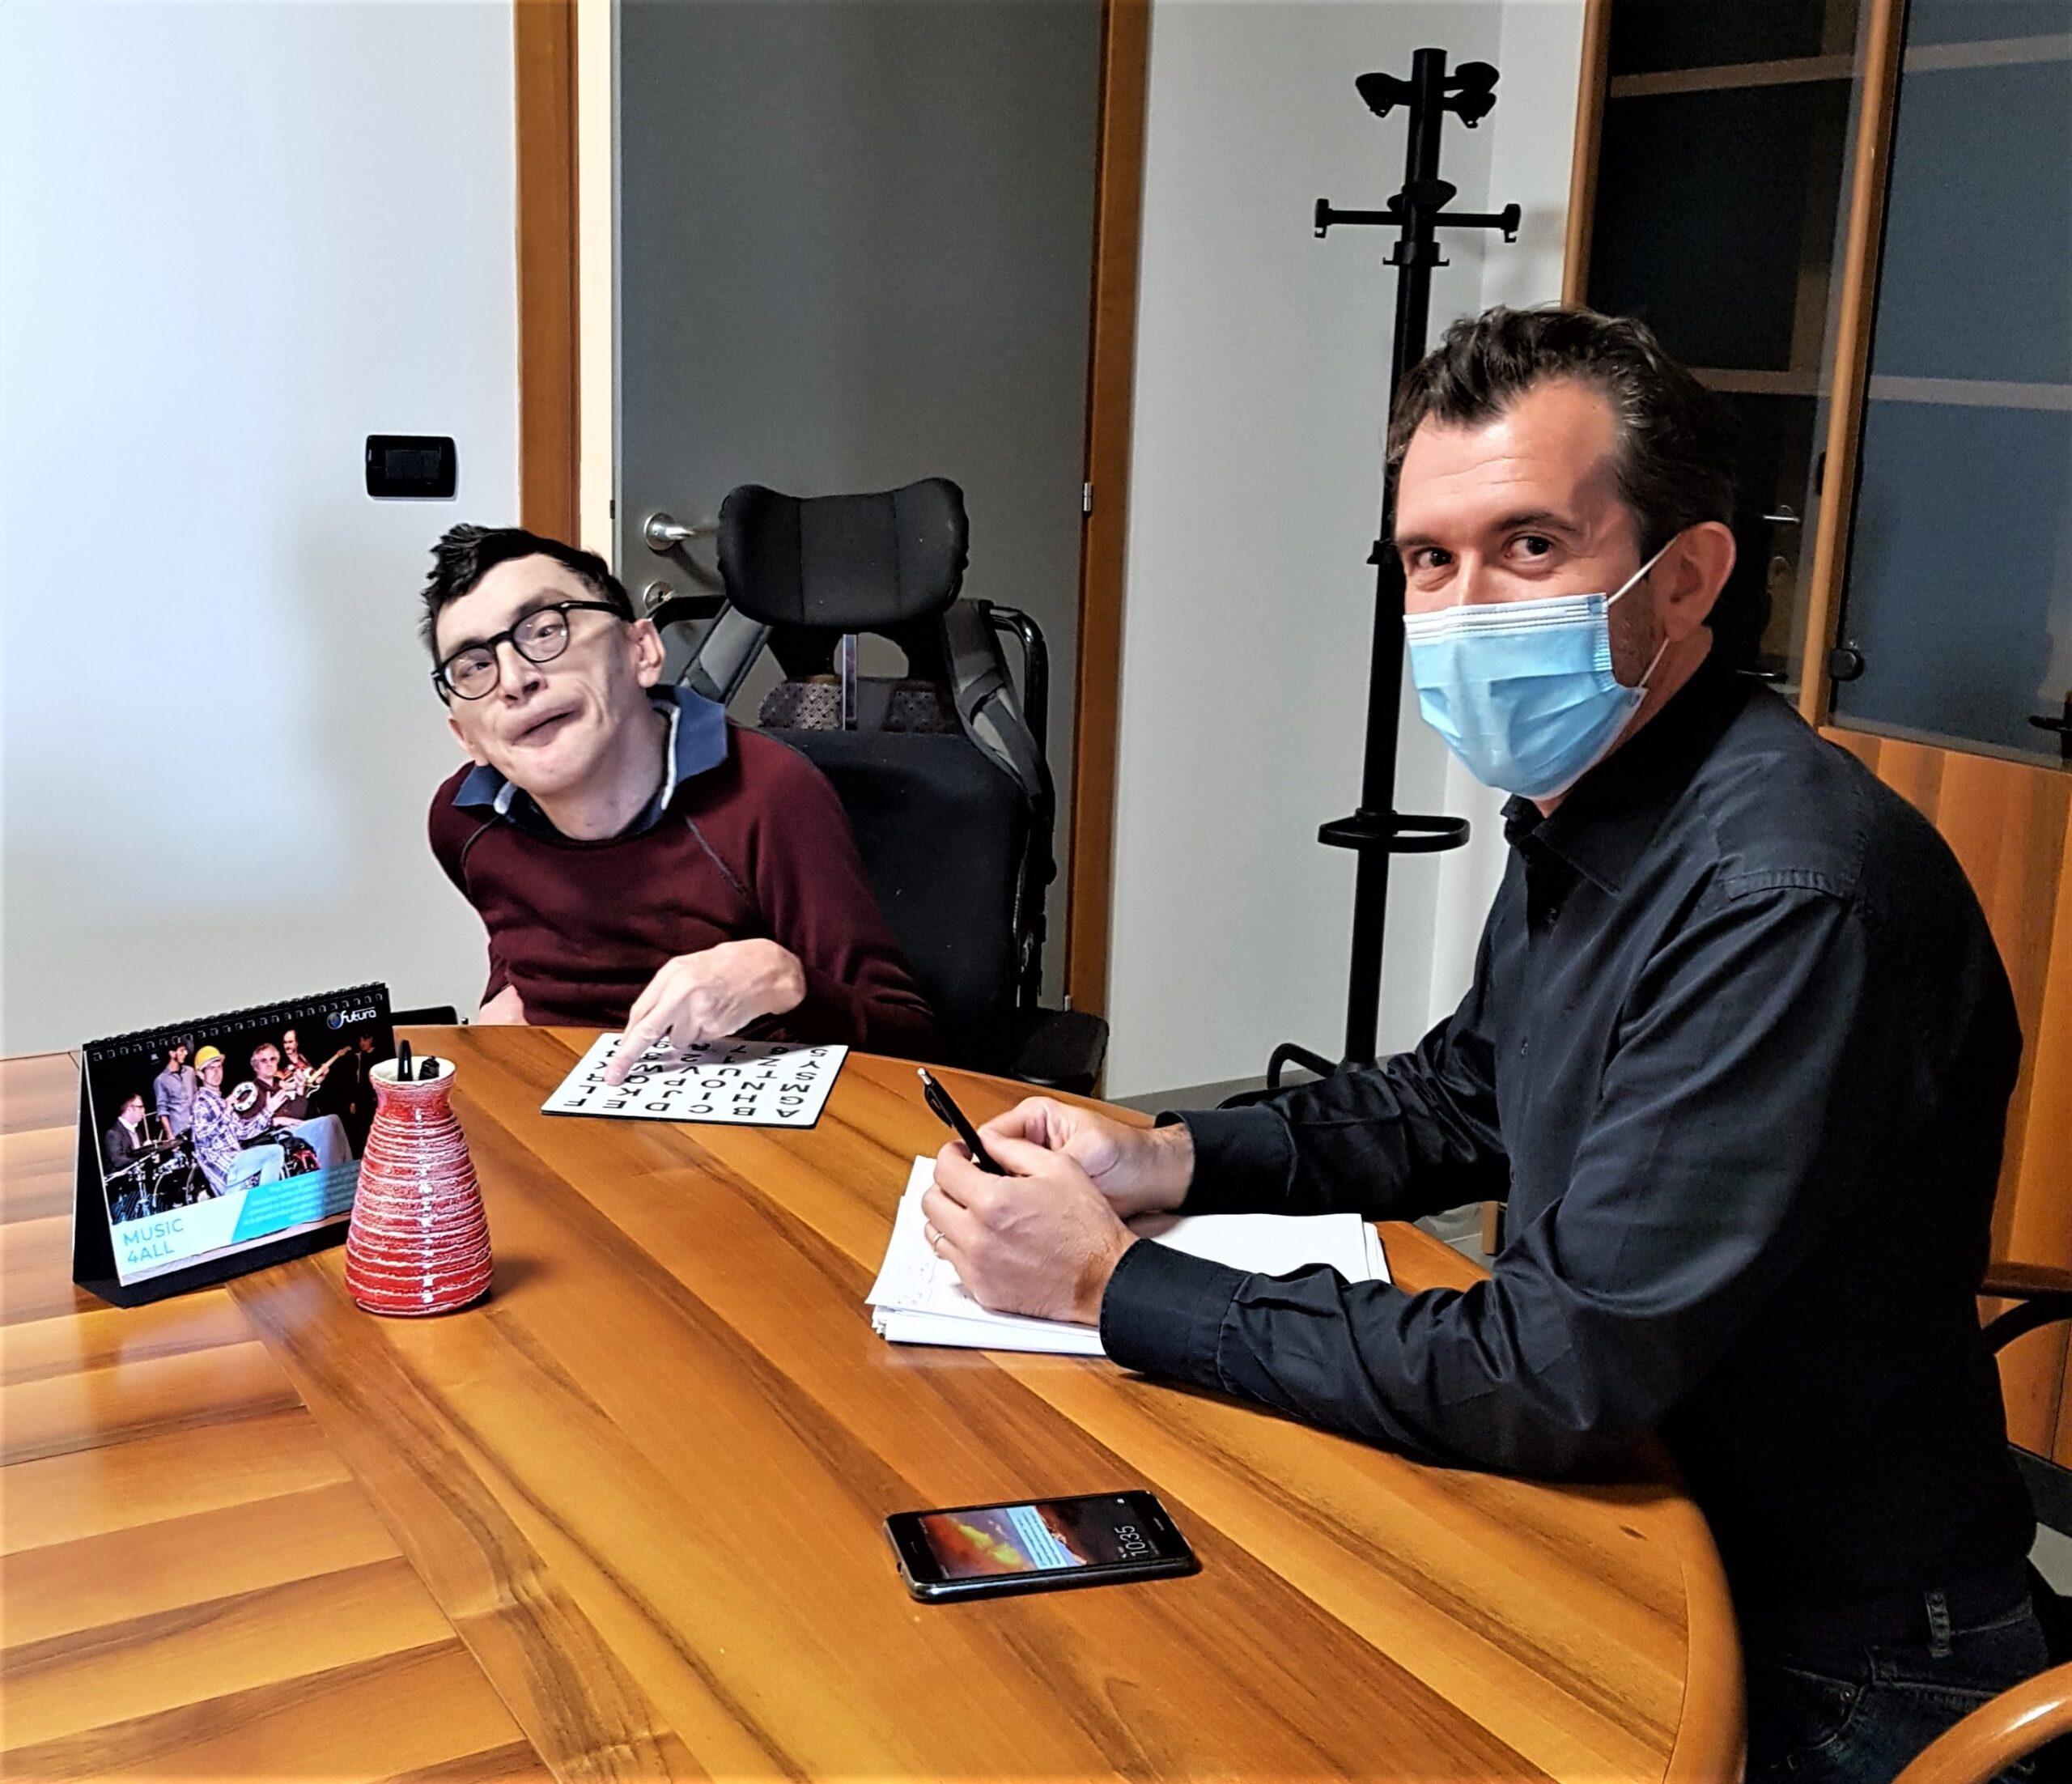 paolo-belluzzo-gianluca-pavan-intervista-lavoro-inclusivo